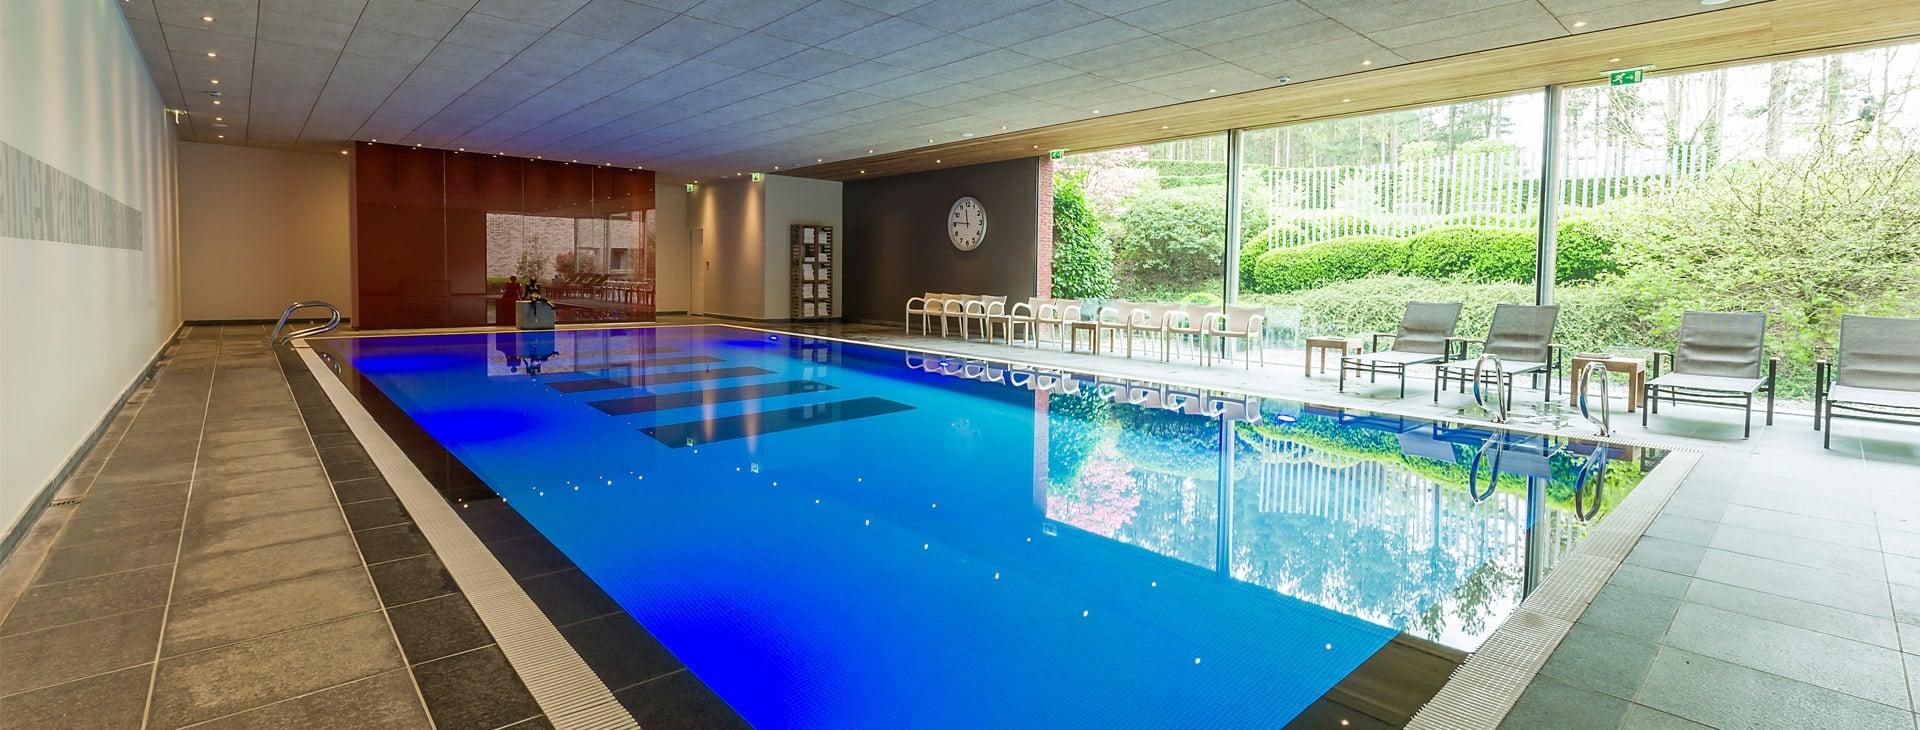 hotel-stiemerheide-home-021